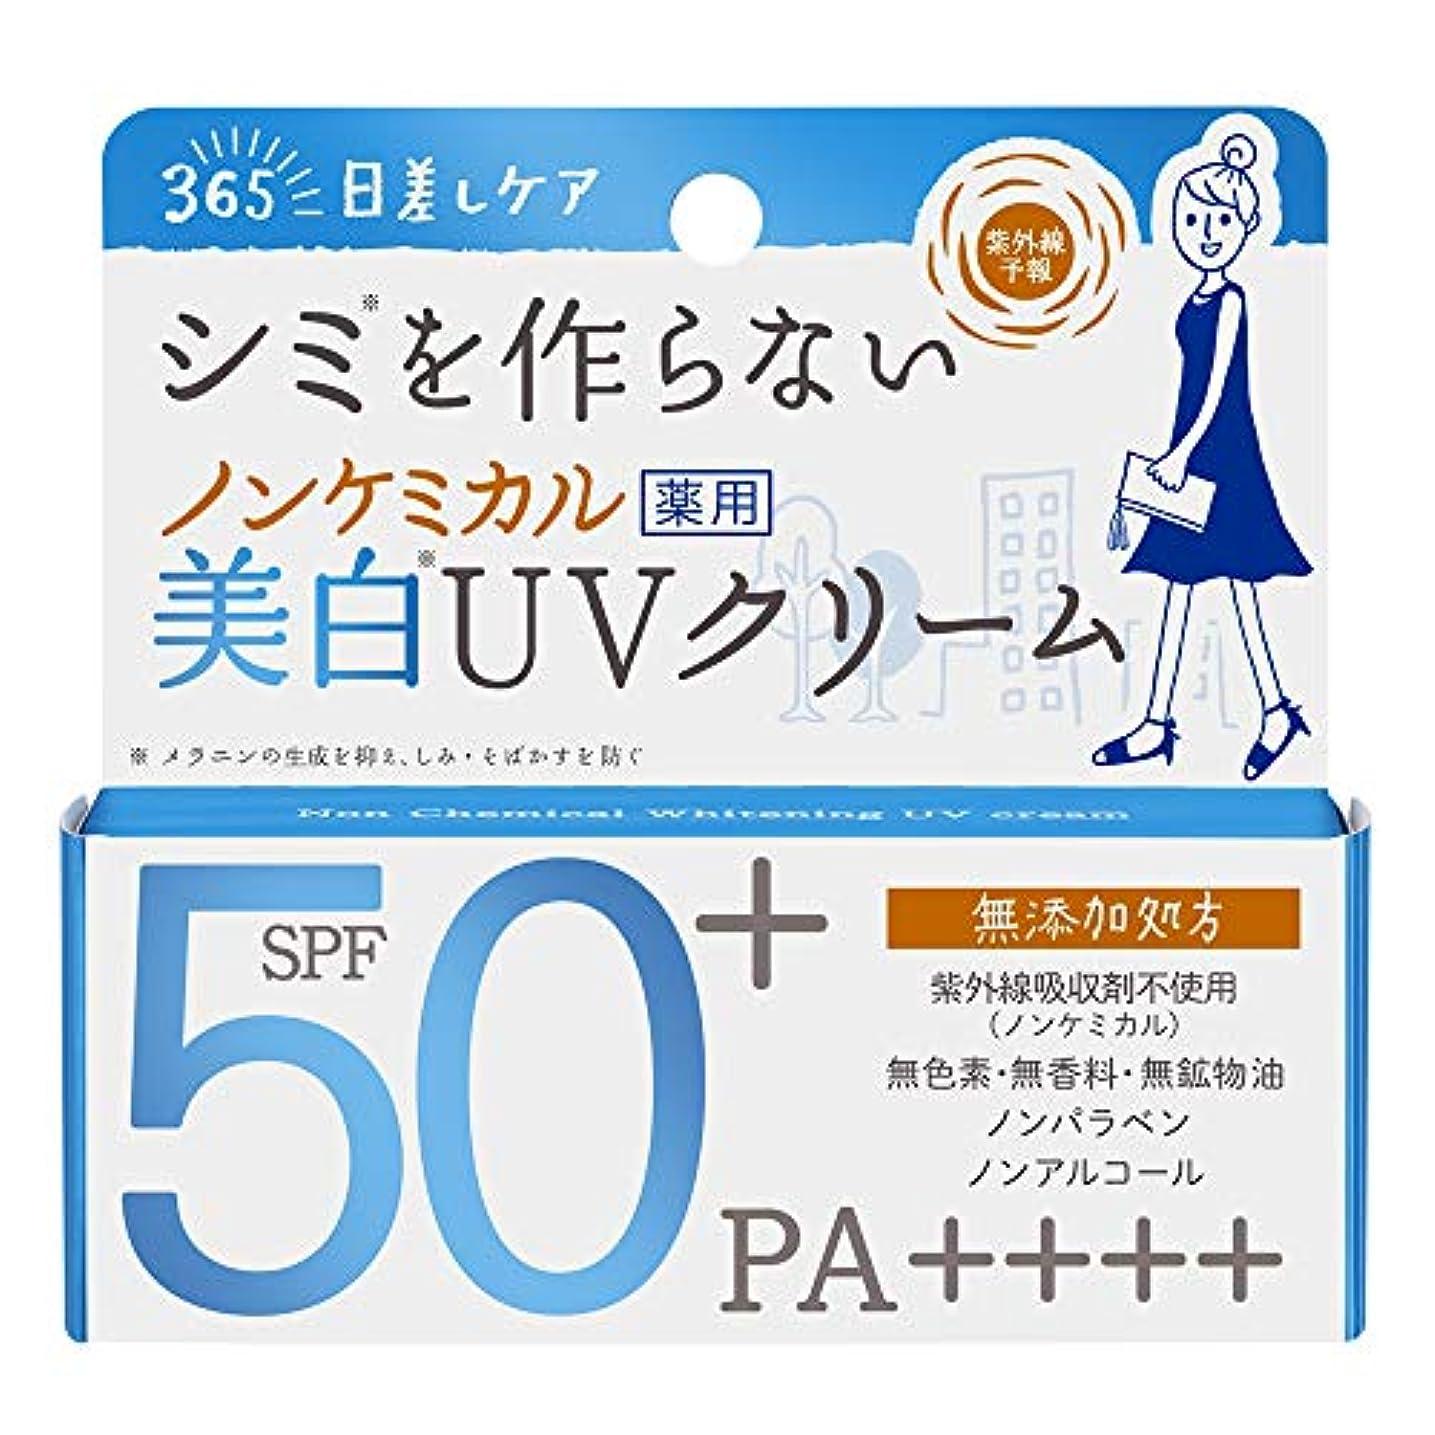 つらいドループパリティ紫外線予報 ノンケミカル薬用美白UVクリーム 40g